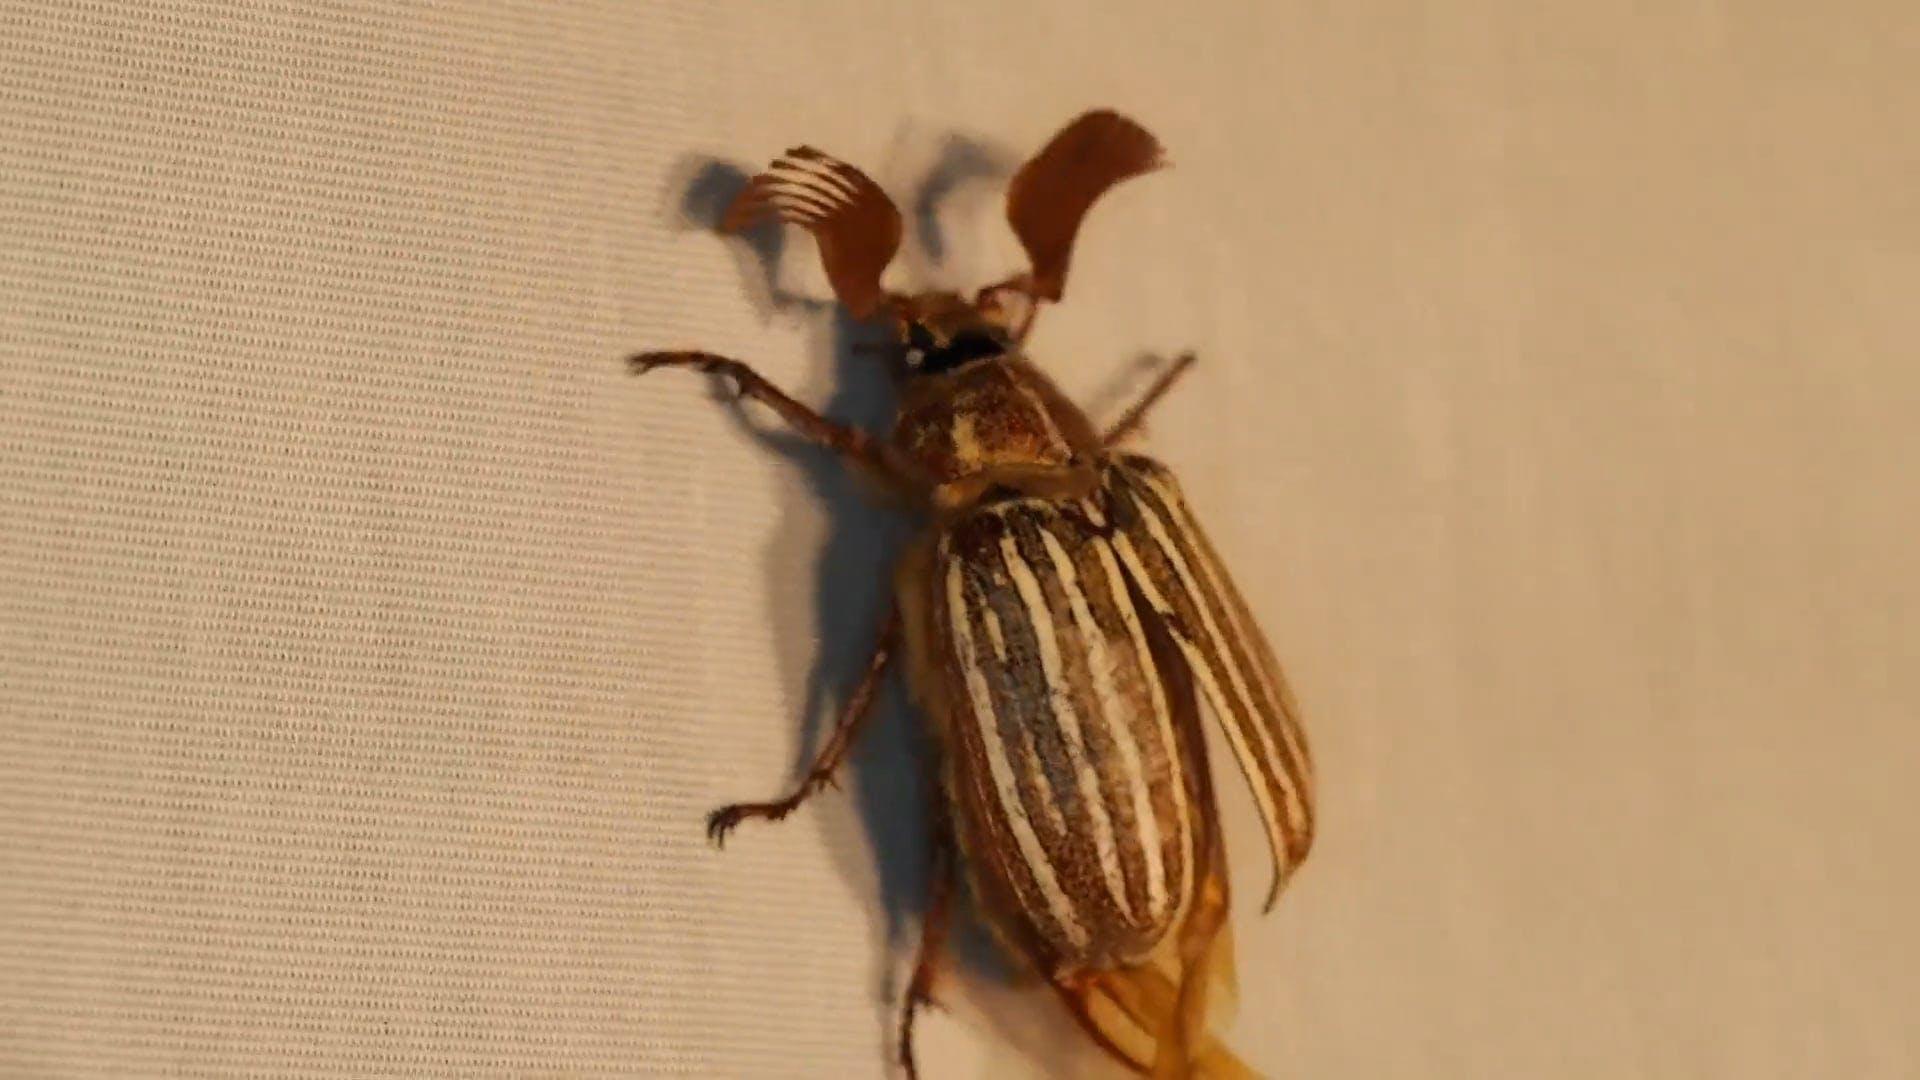 Brown Beetle Flying Away